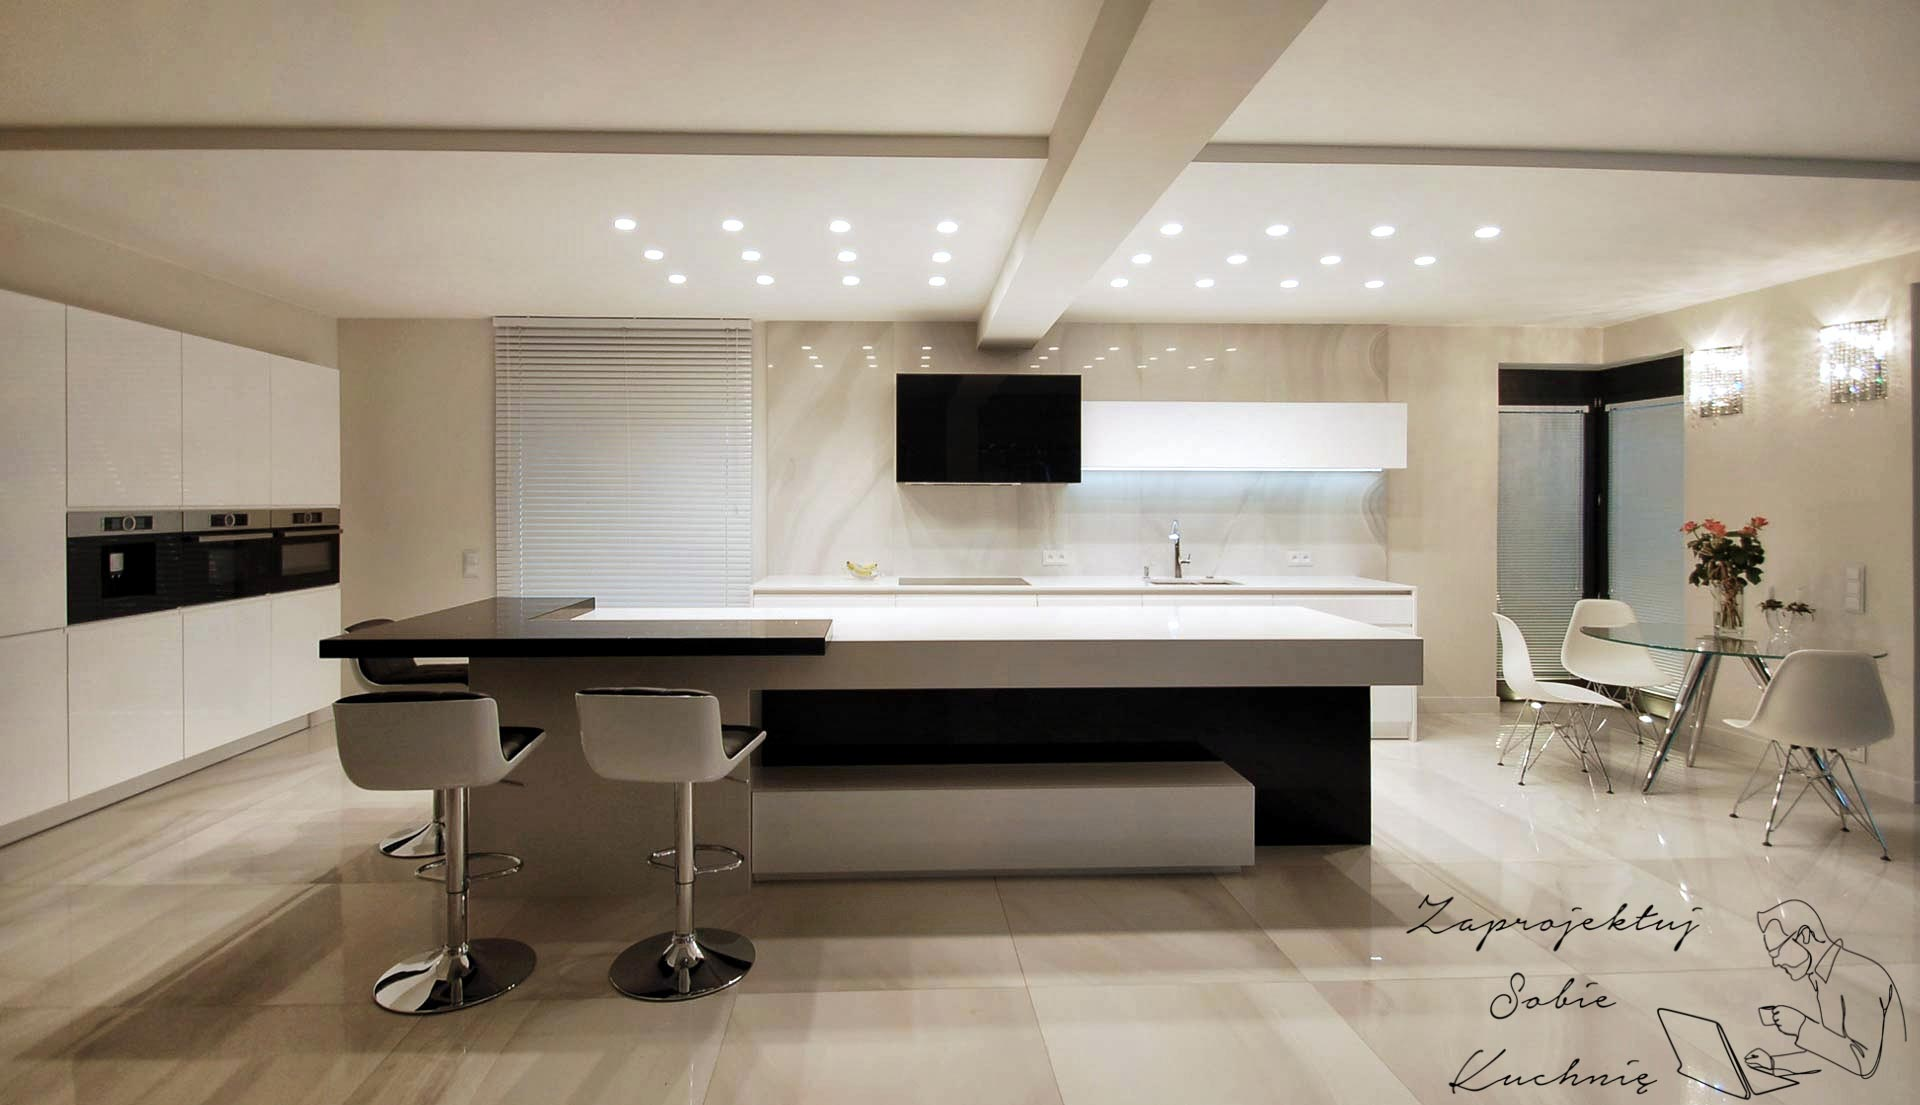 Kuchnia minimalistyczna i blat kuchenny z konglomeratu to bardzo dobre połączenie.